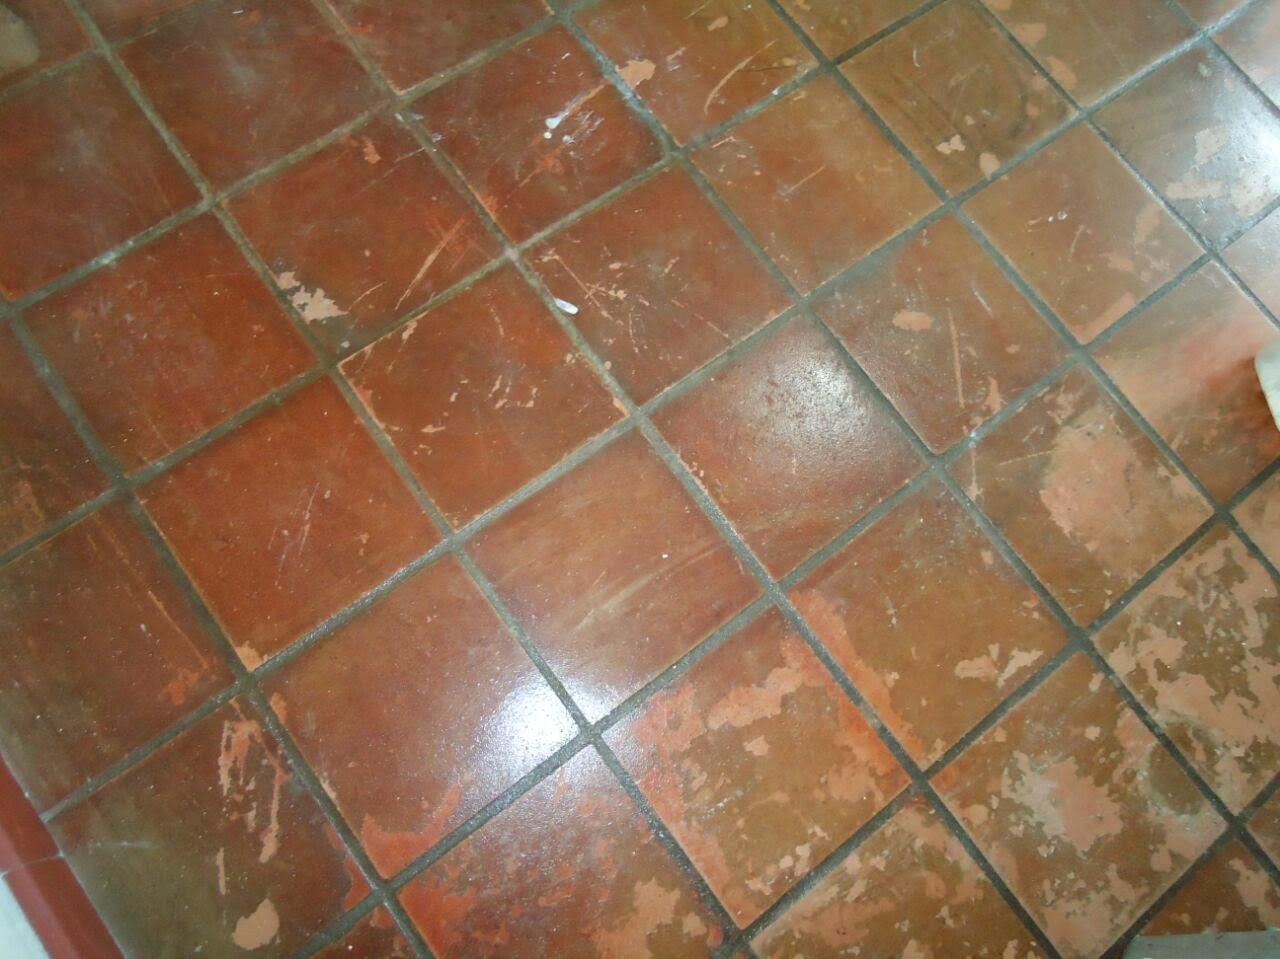 Piso ceramica restaurado impermeabilizado s o paulo 05 for Ceramicas rusticas para pisos